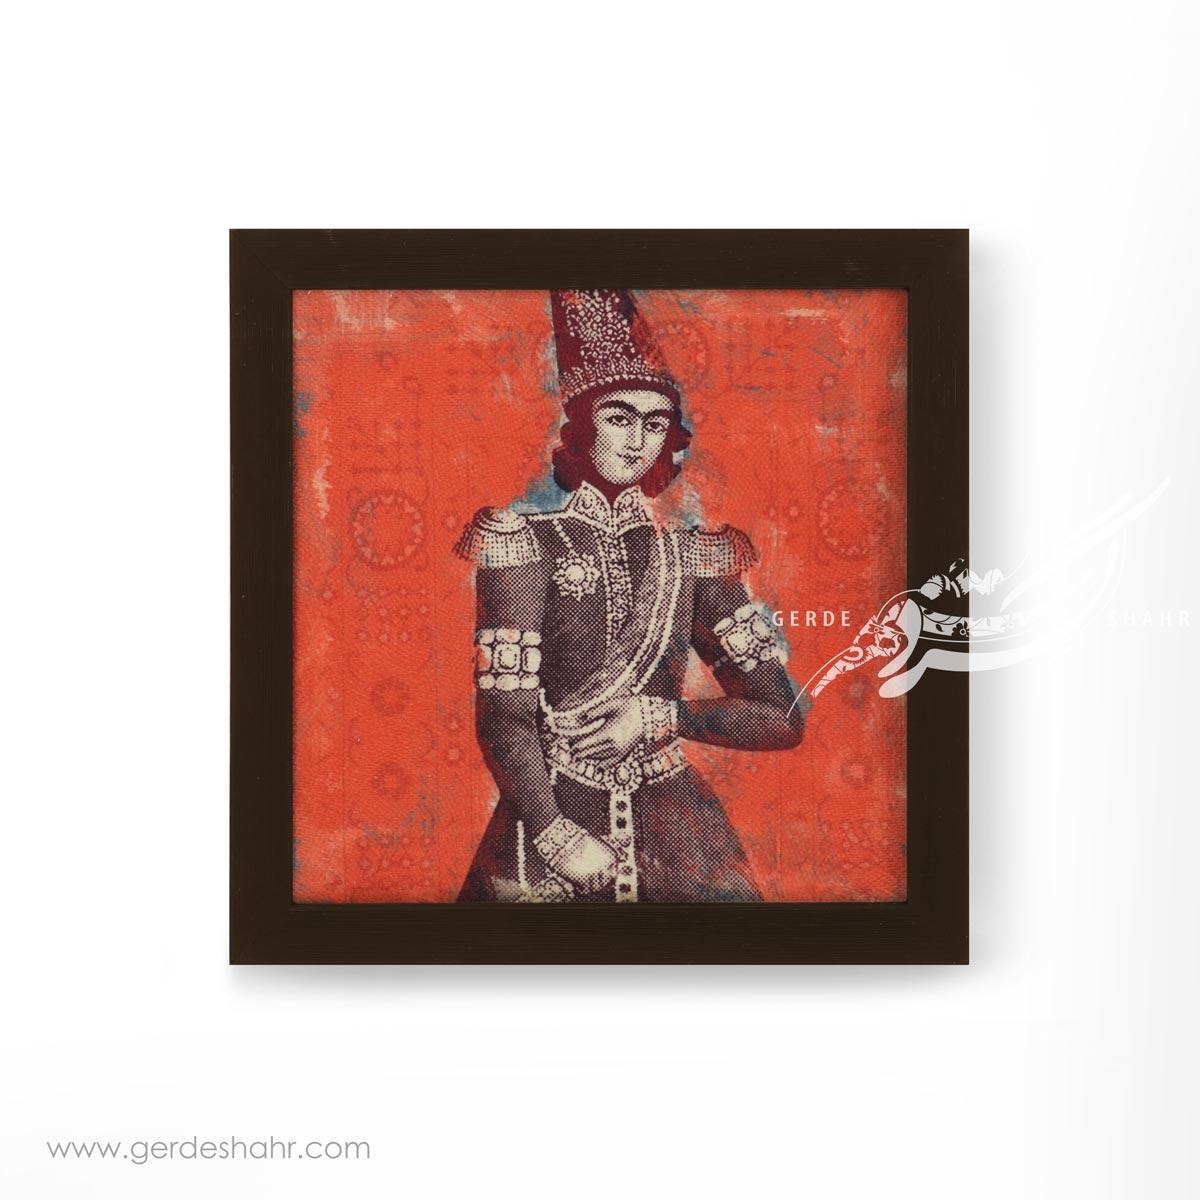 تابلو دیواری مجموعه قاجار شماره 4 هیرا محصولات